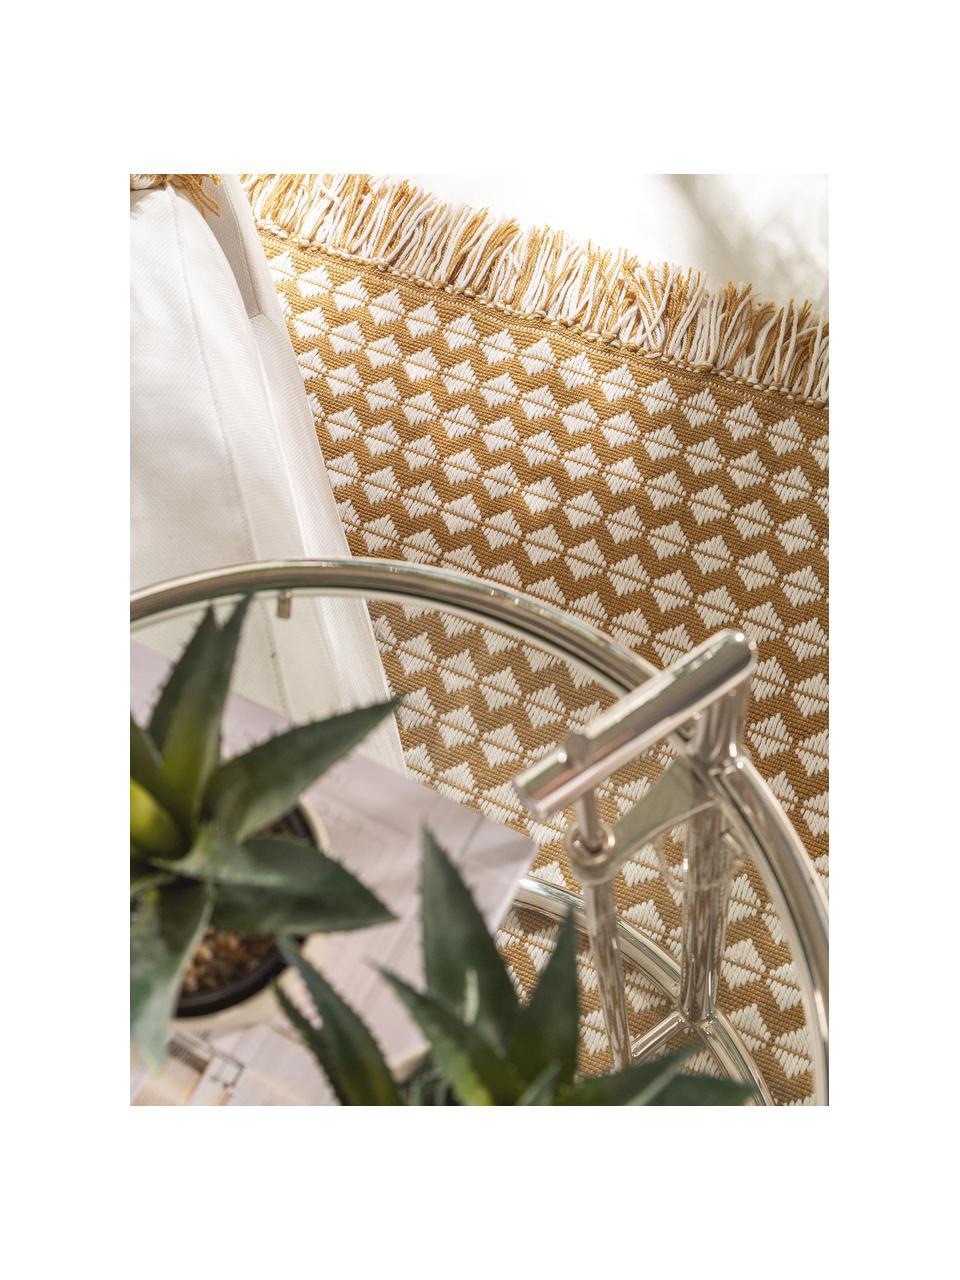 In- & Outdoor-Teppich Morty mit Ethnomuster und Fransen, 100% Polyester (recyceltes PET), Gelb, gebrochenes Weiß, B 160 x L 230 cm (Größe M)